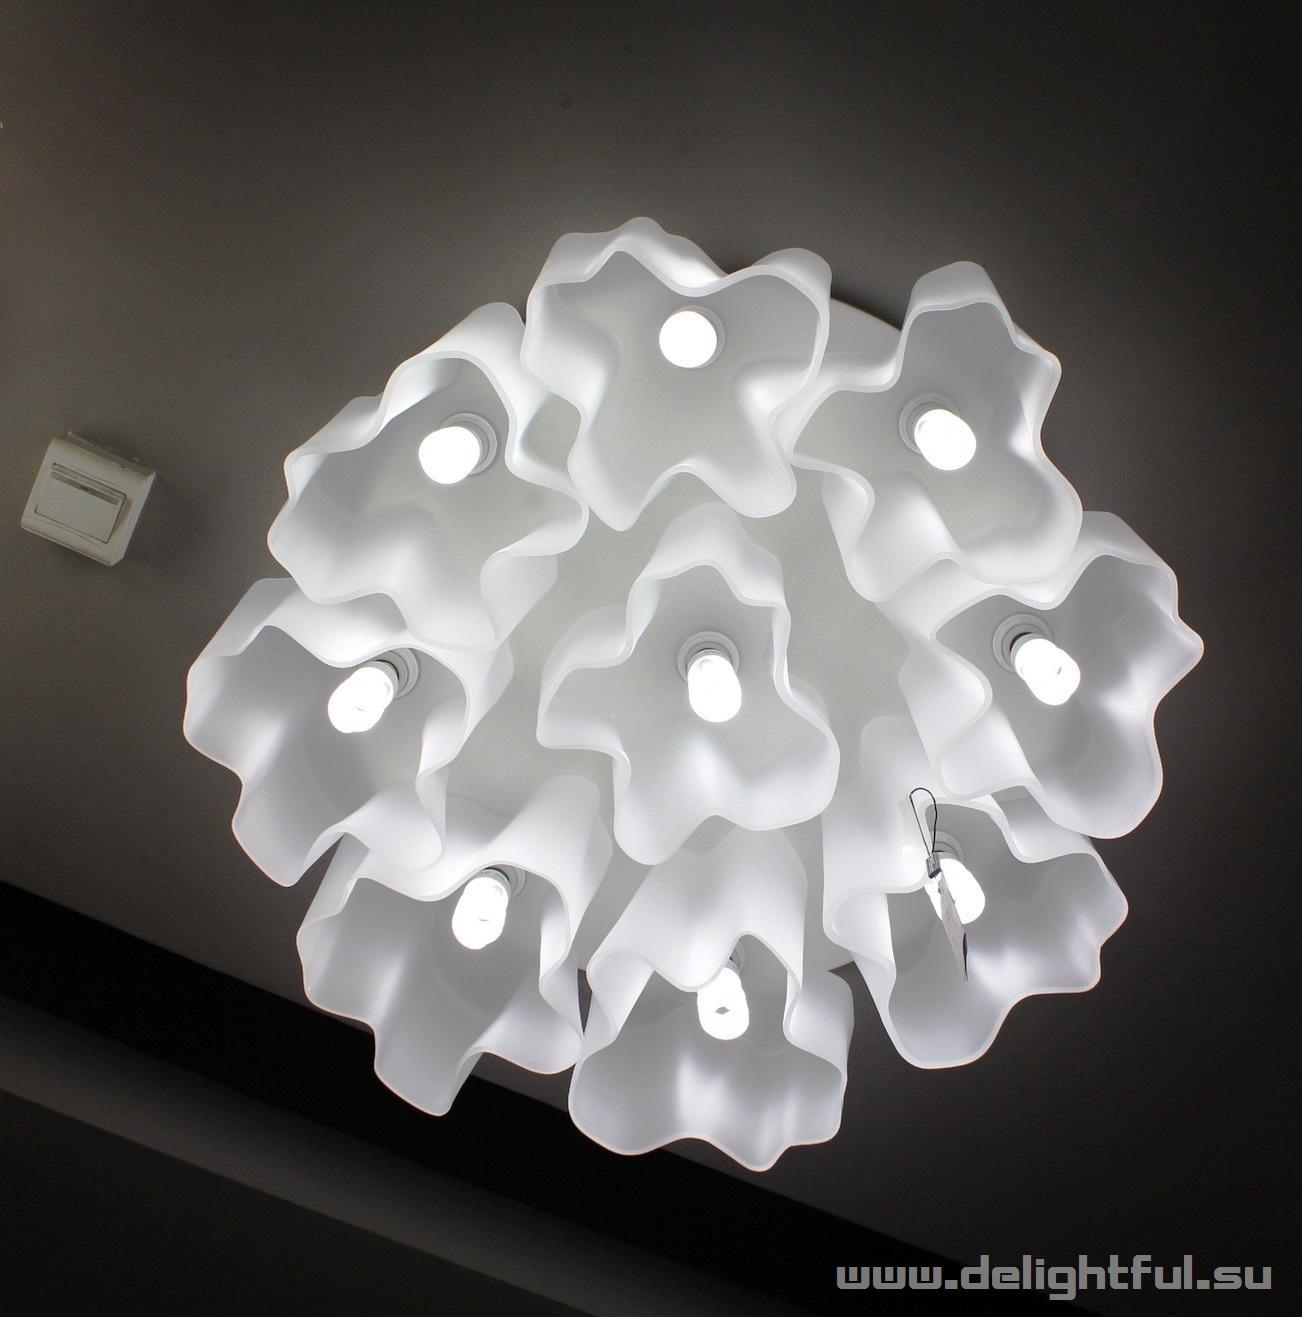 Art_Design_Logico_9_delightful_su_3